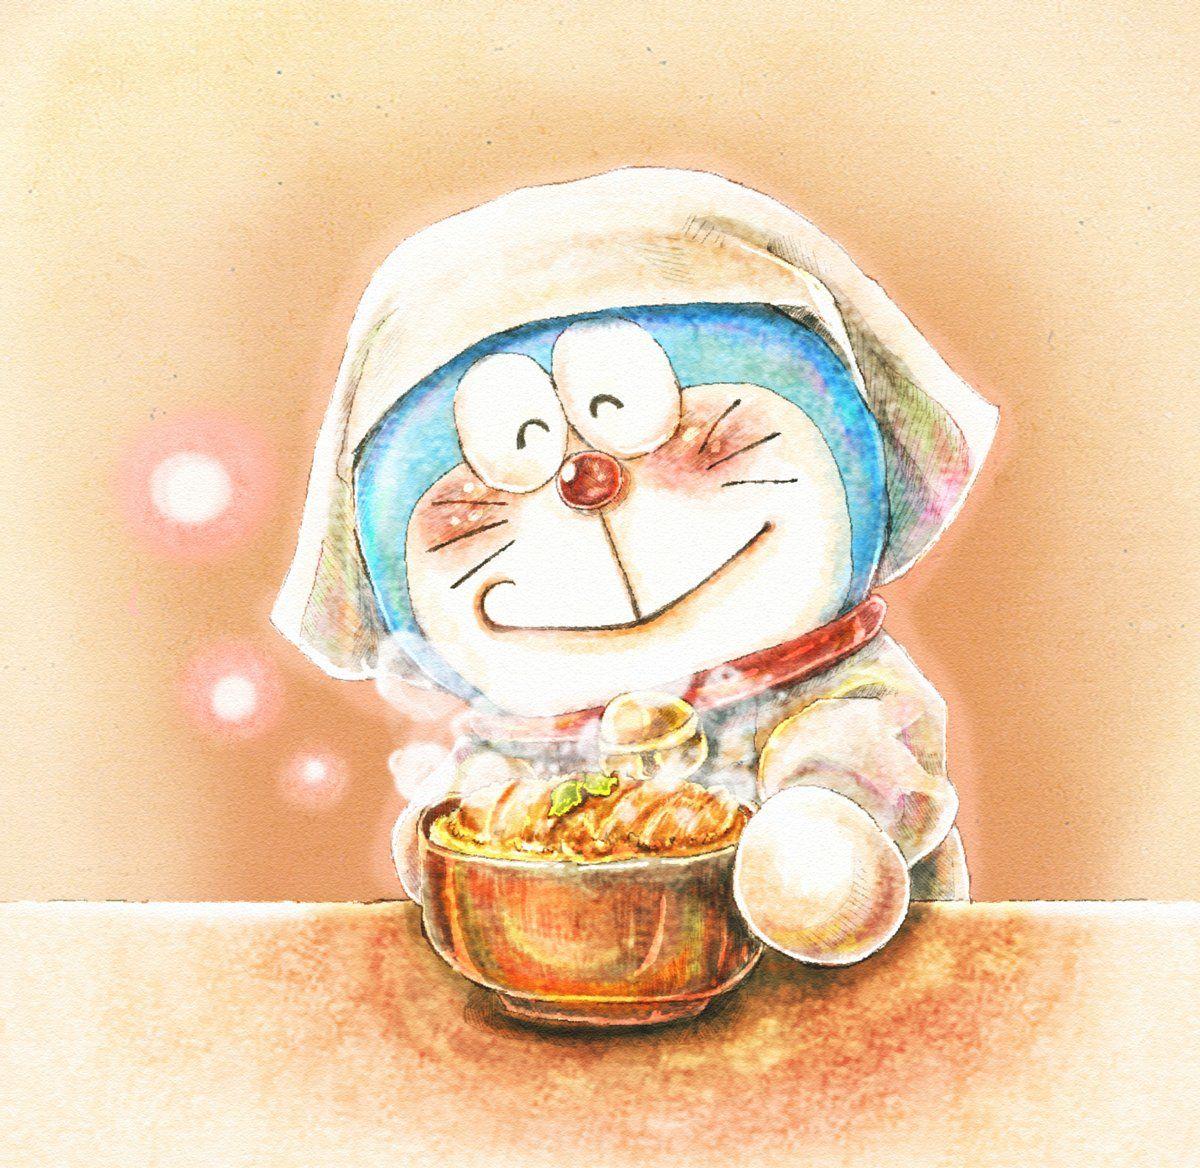 Kamo-カモ-🍳食べ物イラスト on Twitter